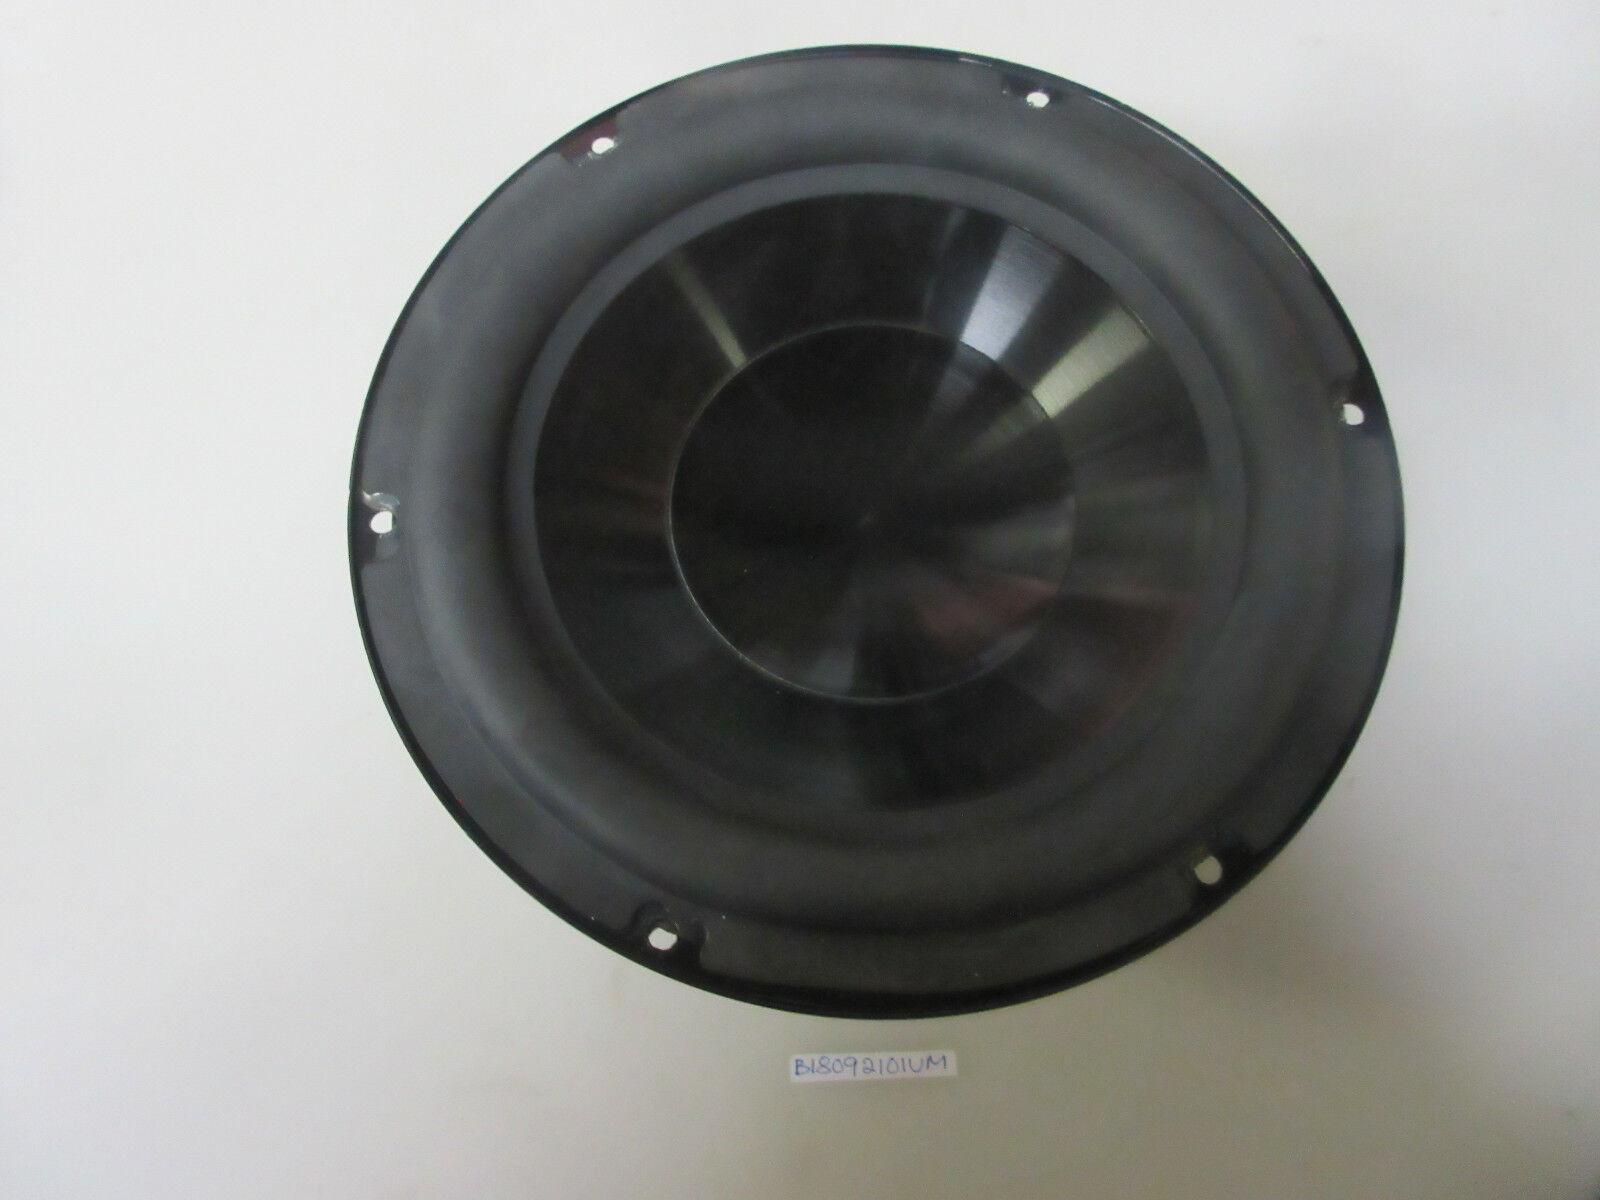 Sub-Woofer Speaker for Polk DSW PRO 440 WI Subwoofer